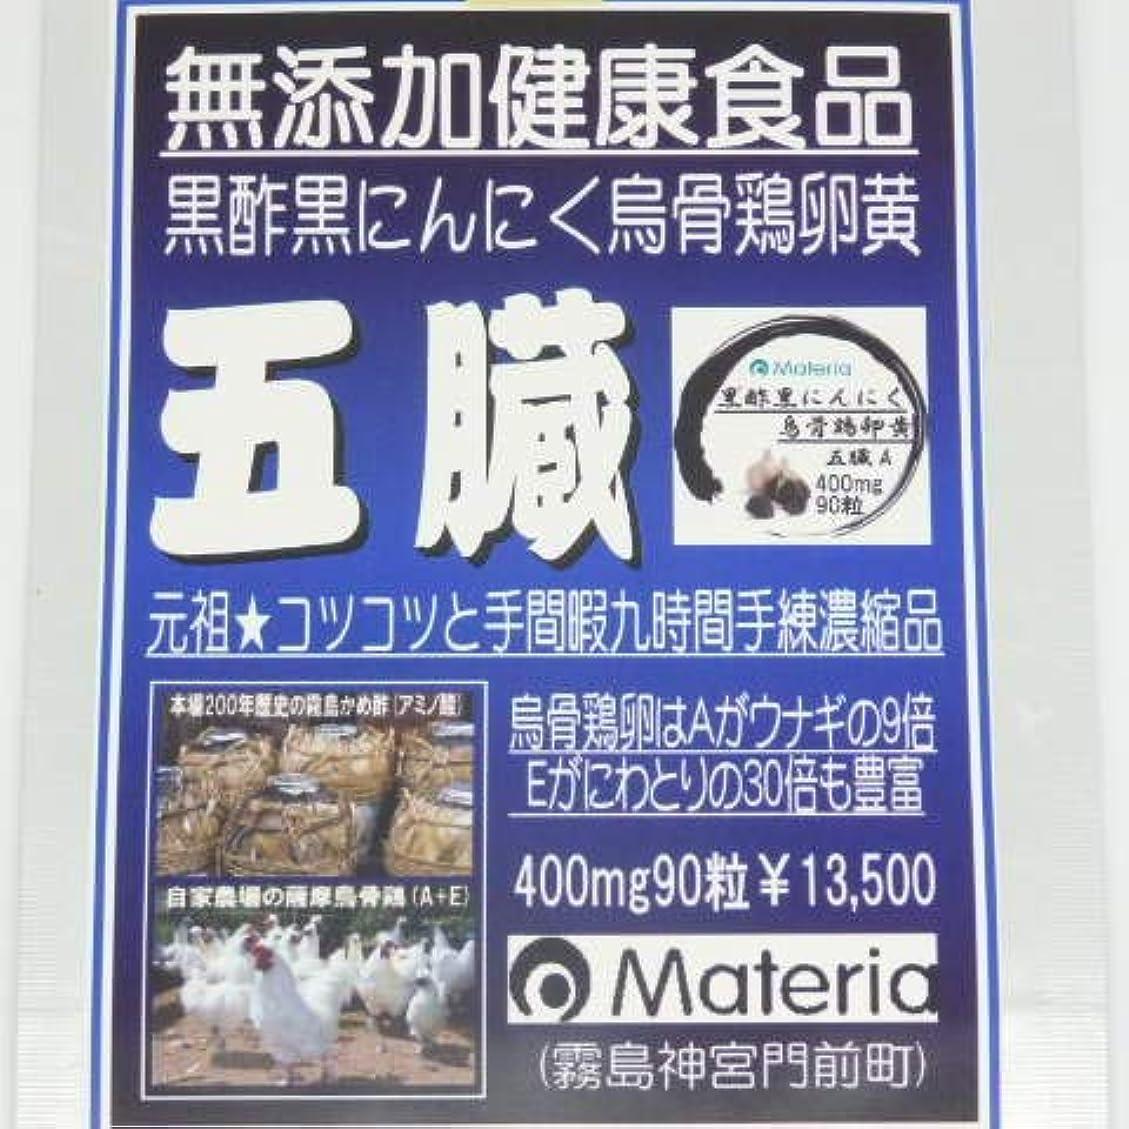 優遇説得力のあるビタミン無添加健康食品/黒酢黒にんにく卵黄/五臓A系(90粒90日分)¥13,500